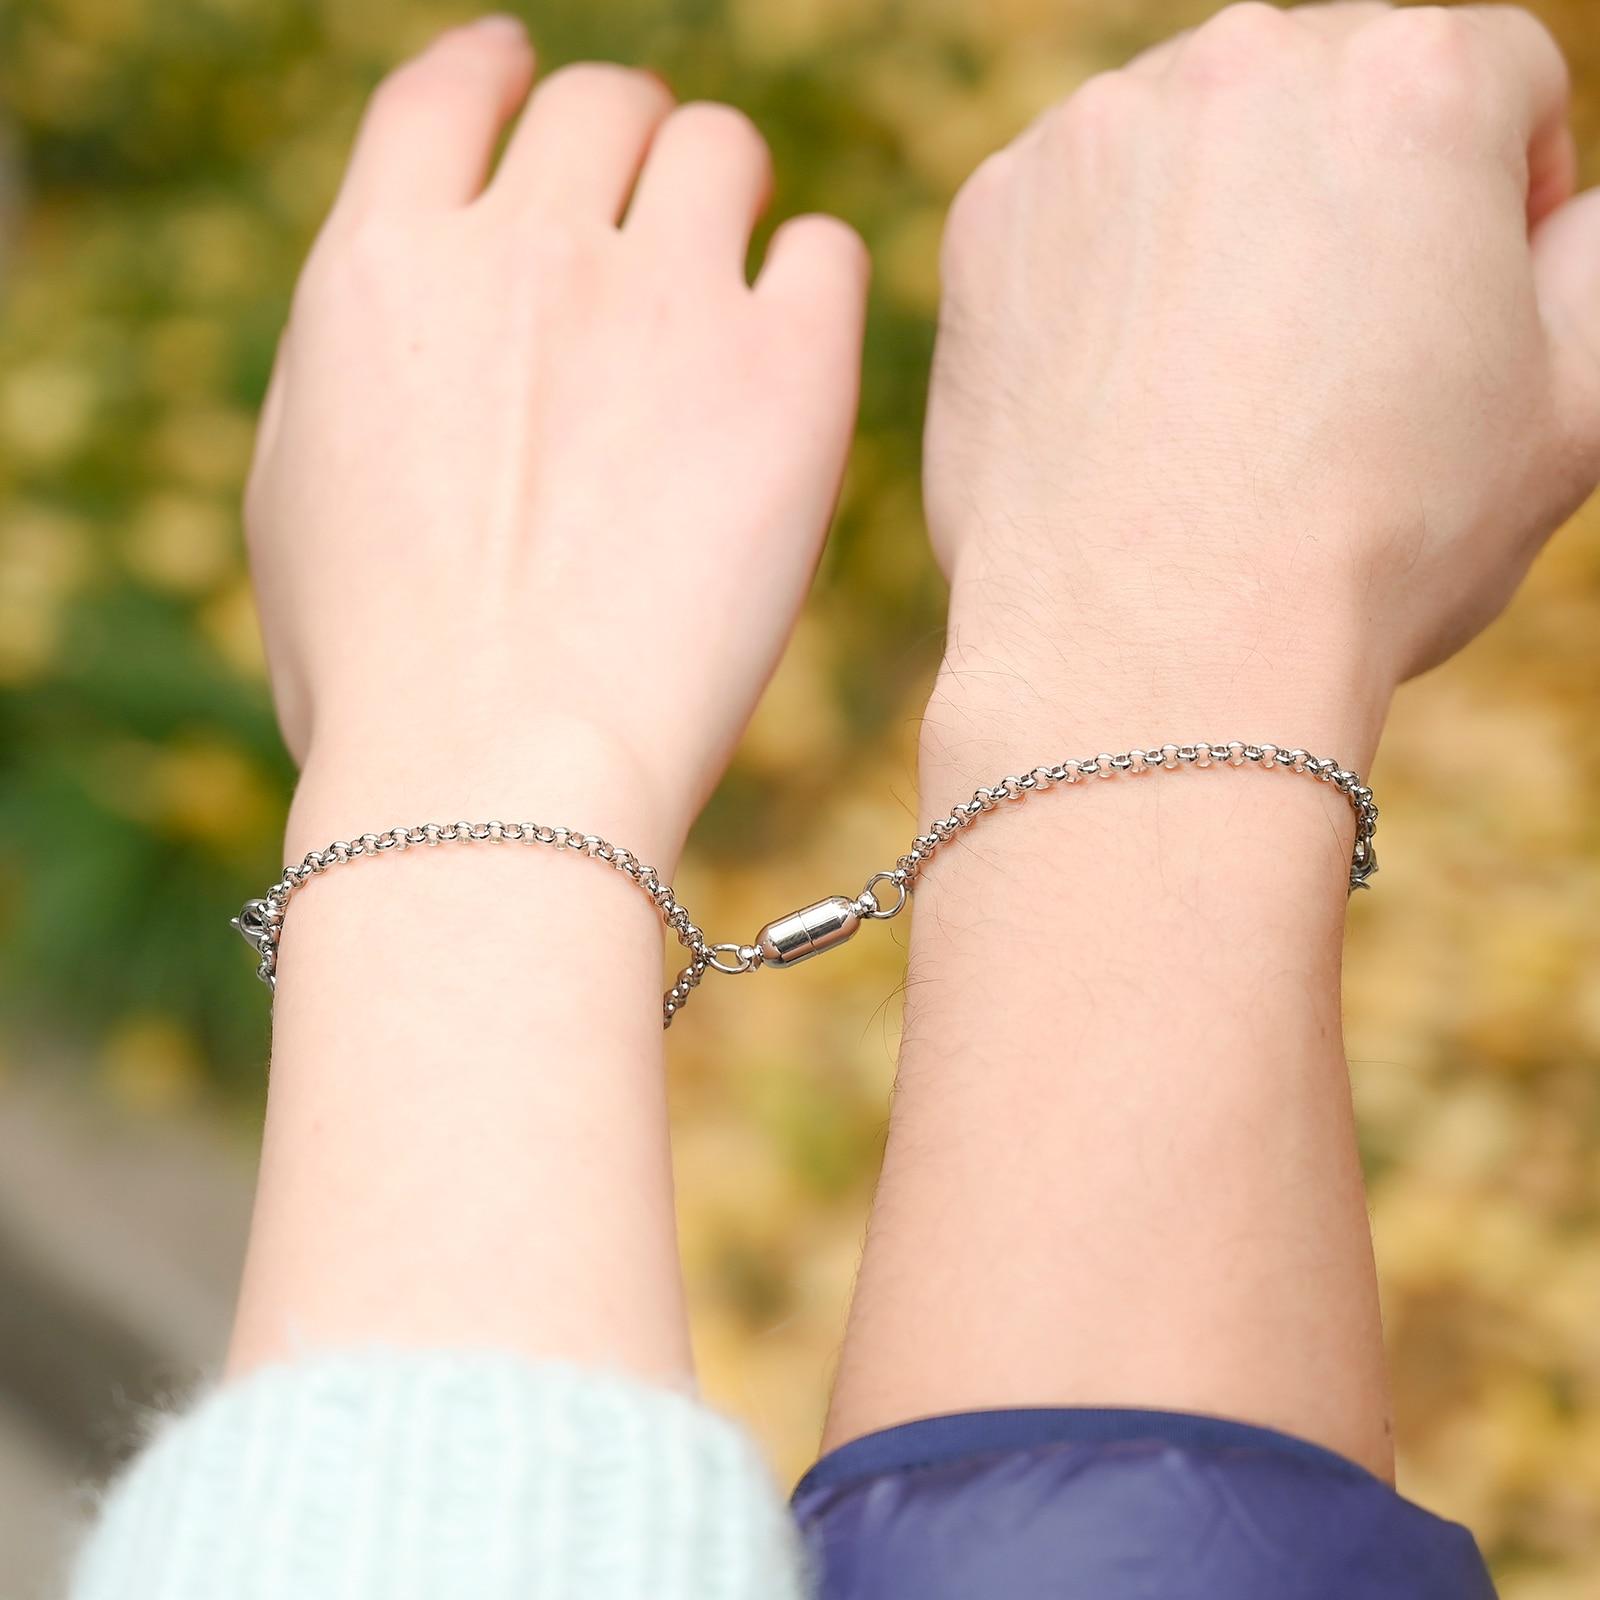 1 пара магнитных браслетов для женщин и мужчин, браслет-цепочка из титановой стали, ювелирные изделия для влюбленных из нержавеющей стали